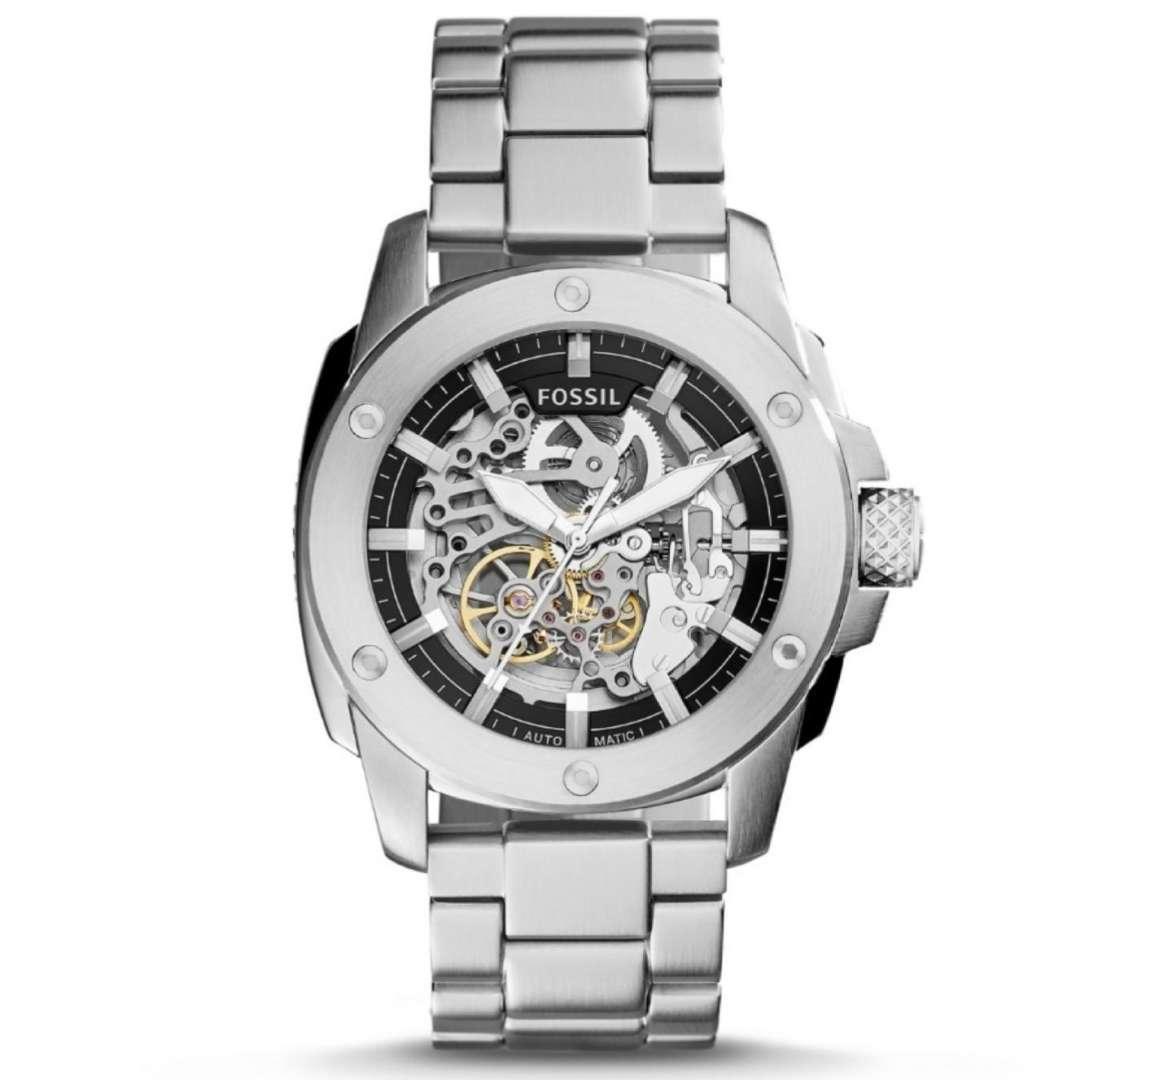 שעון יד אנלוגי fossil me3081 פוסיל